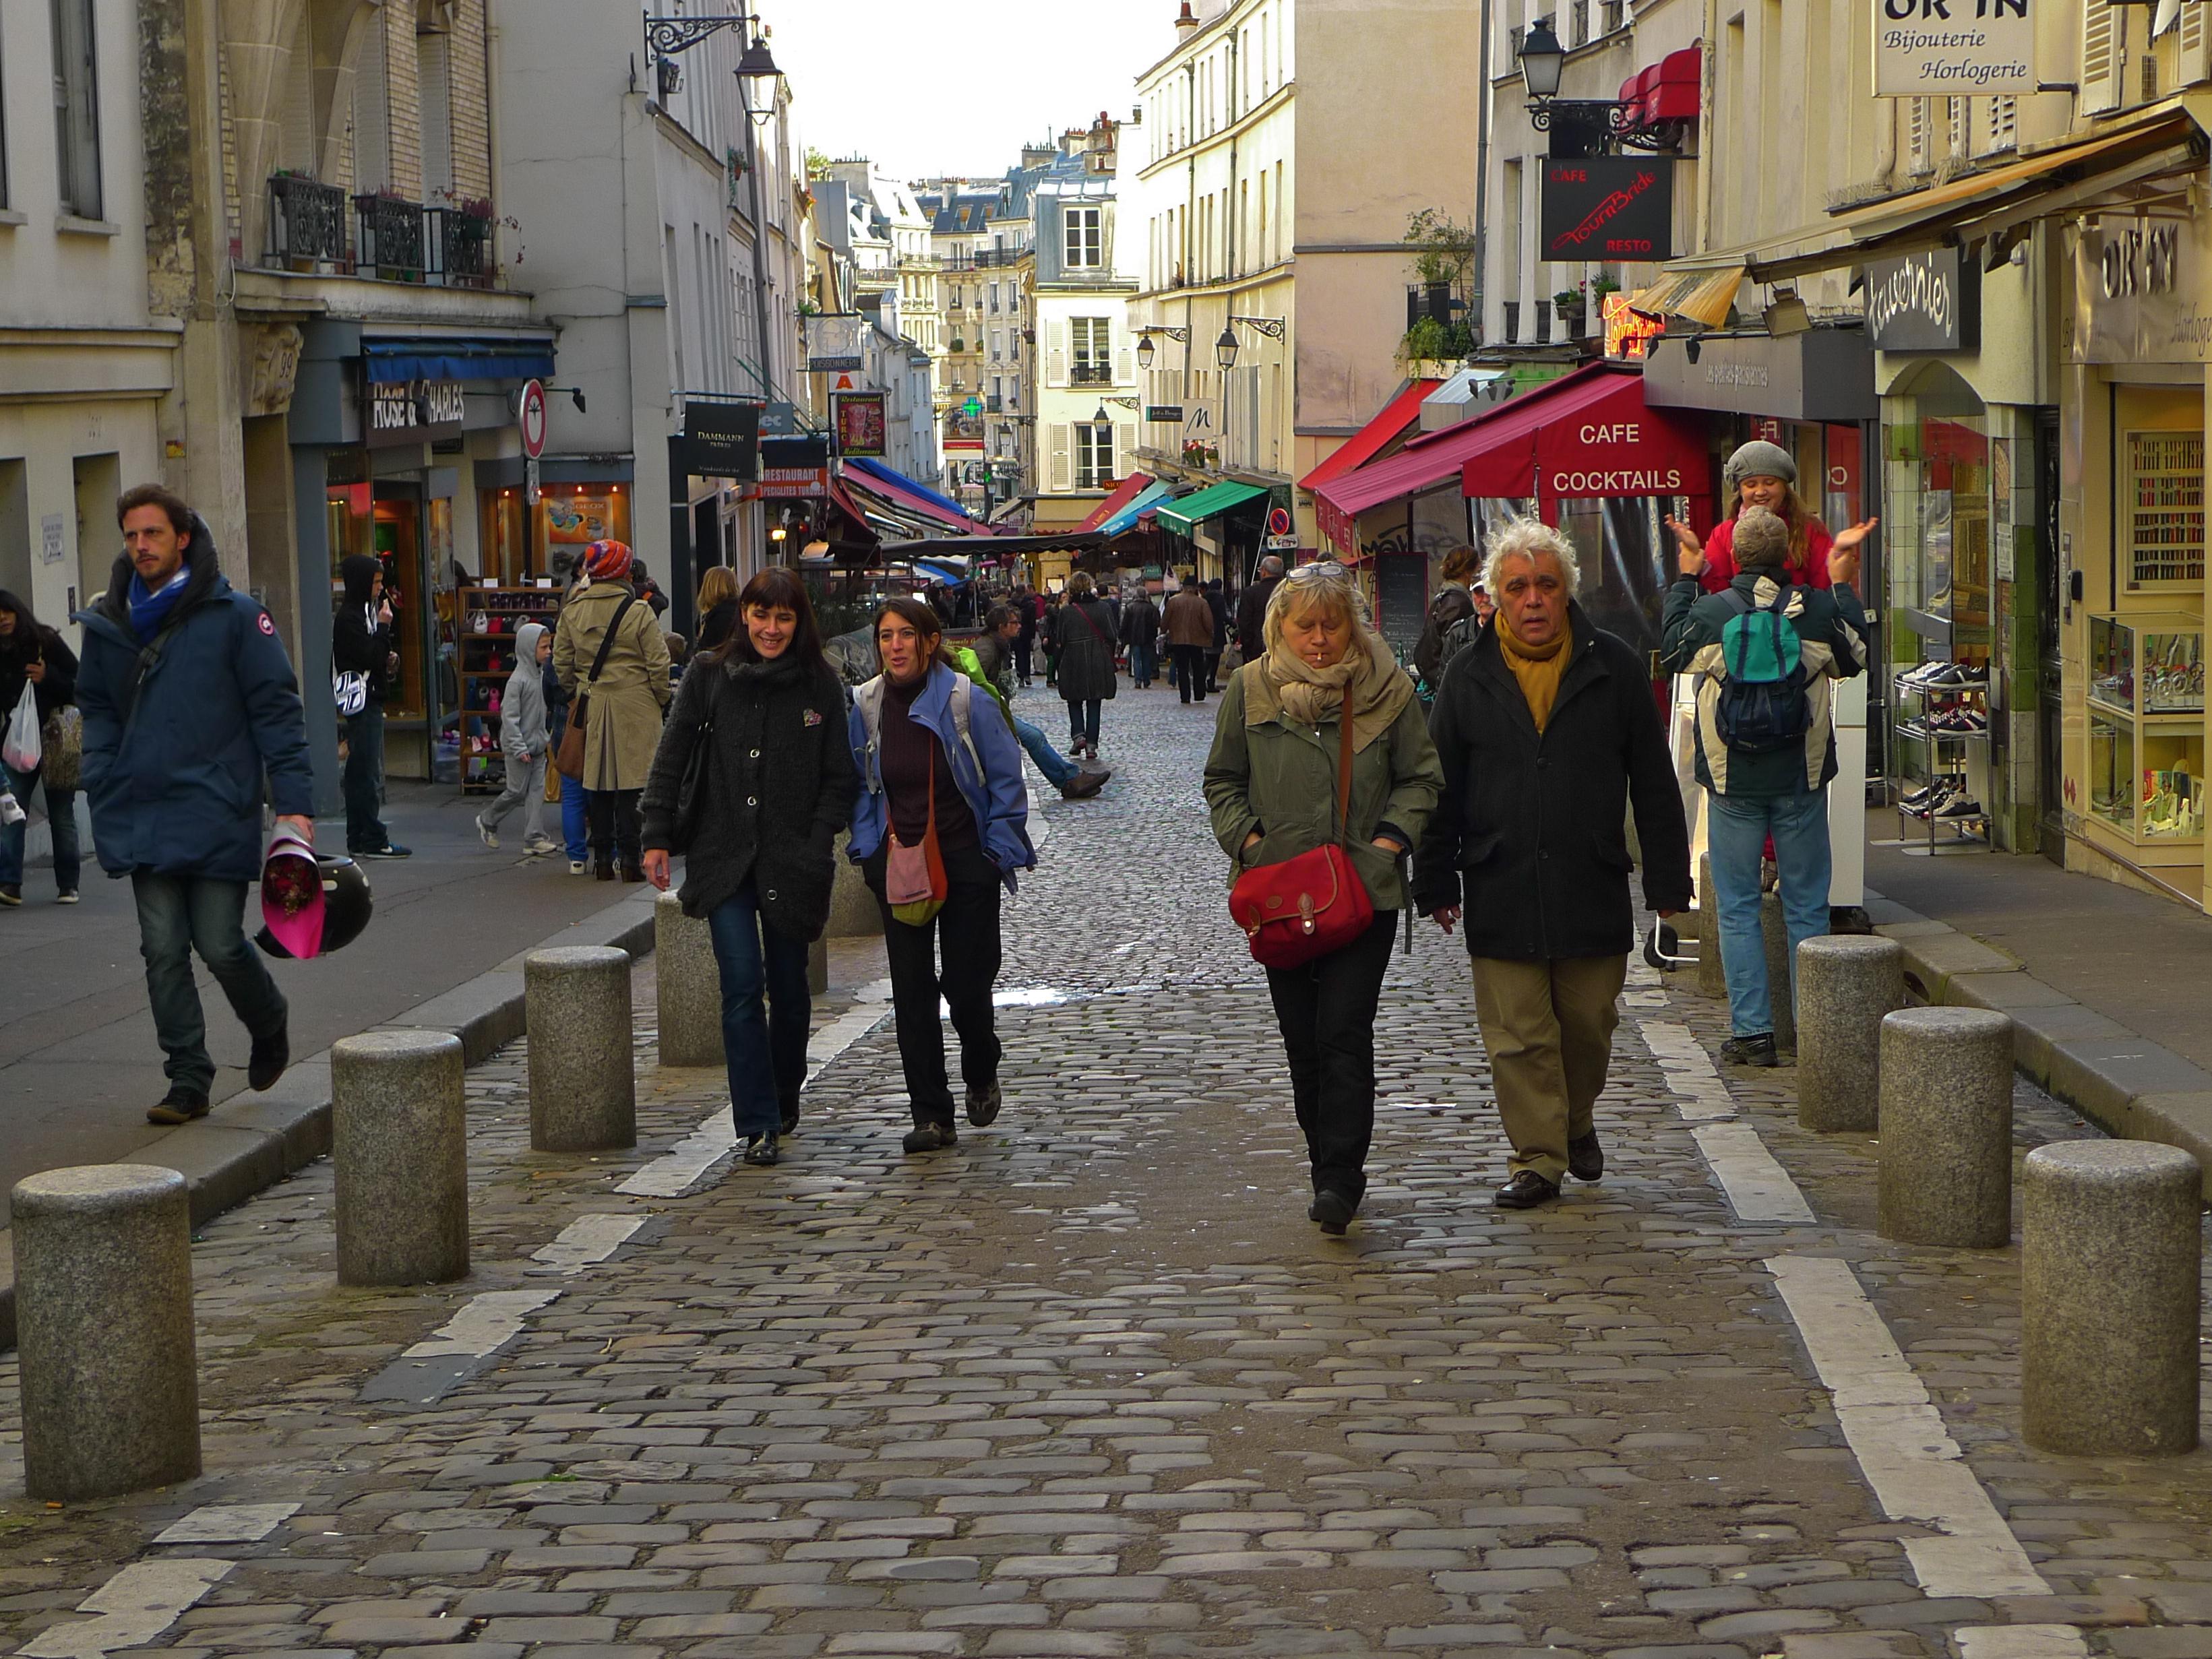 Bijouterie rue vaugirard paris 15